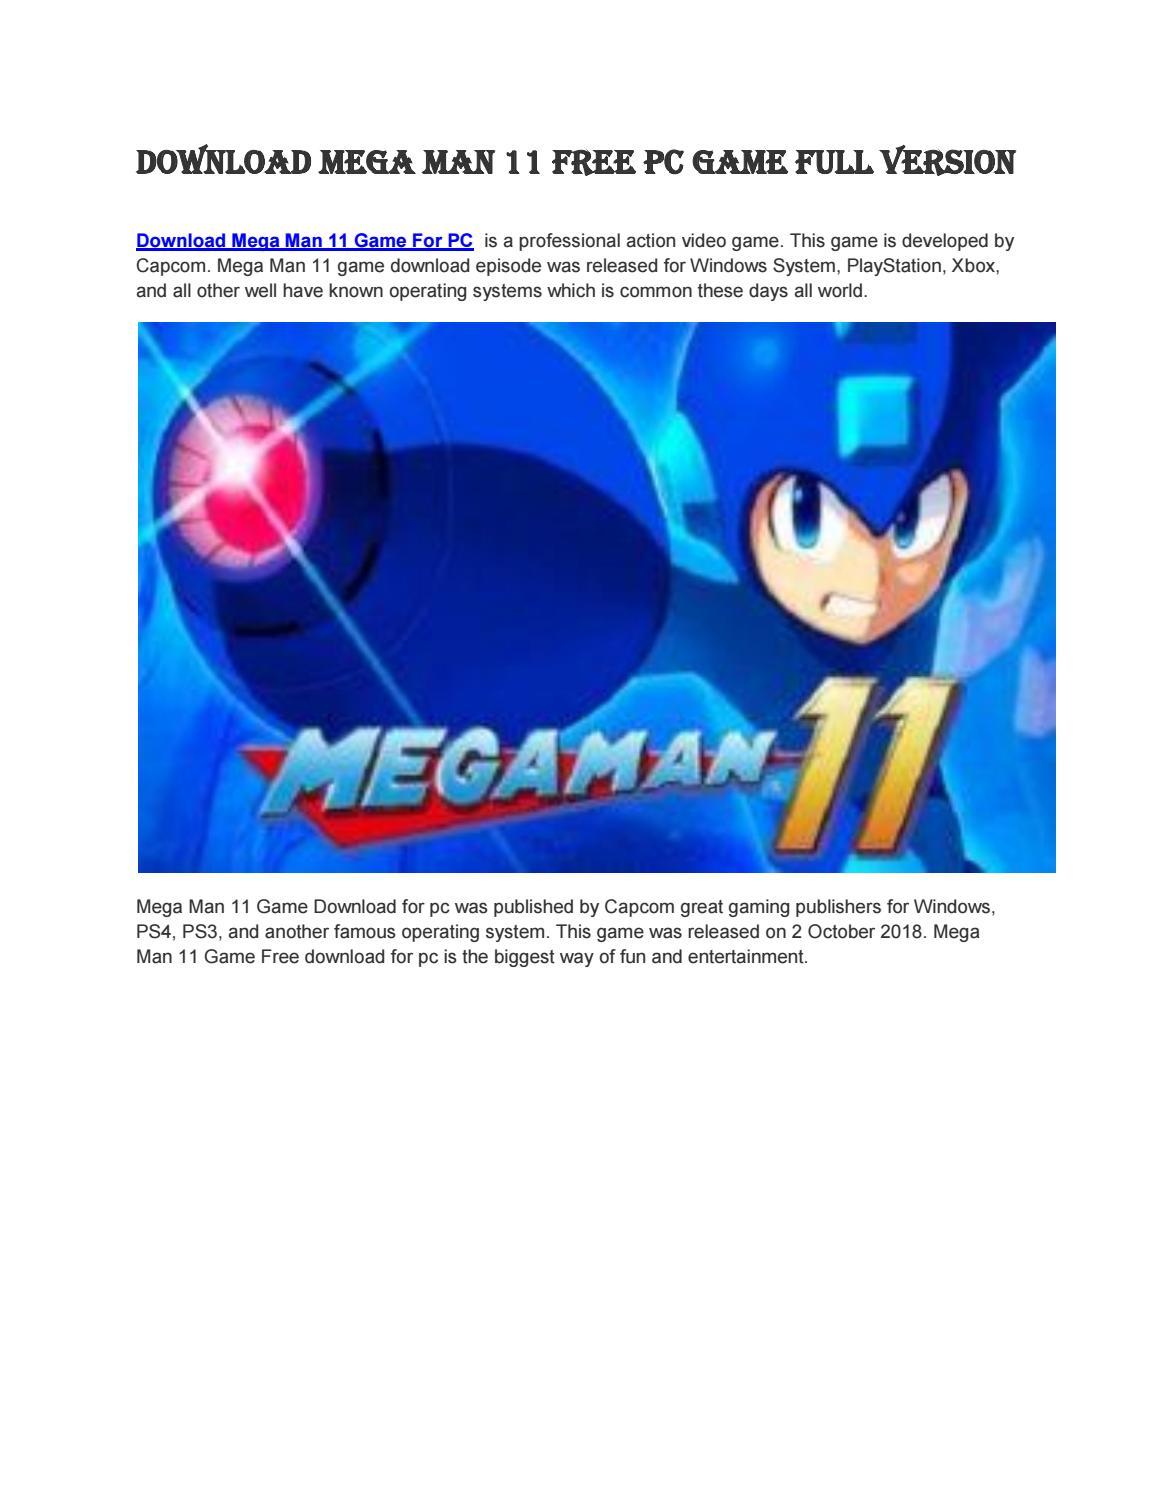 Download Mega Man 11 Free PC Game Full Version by